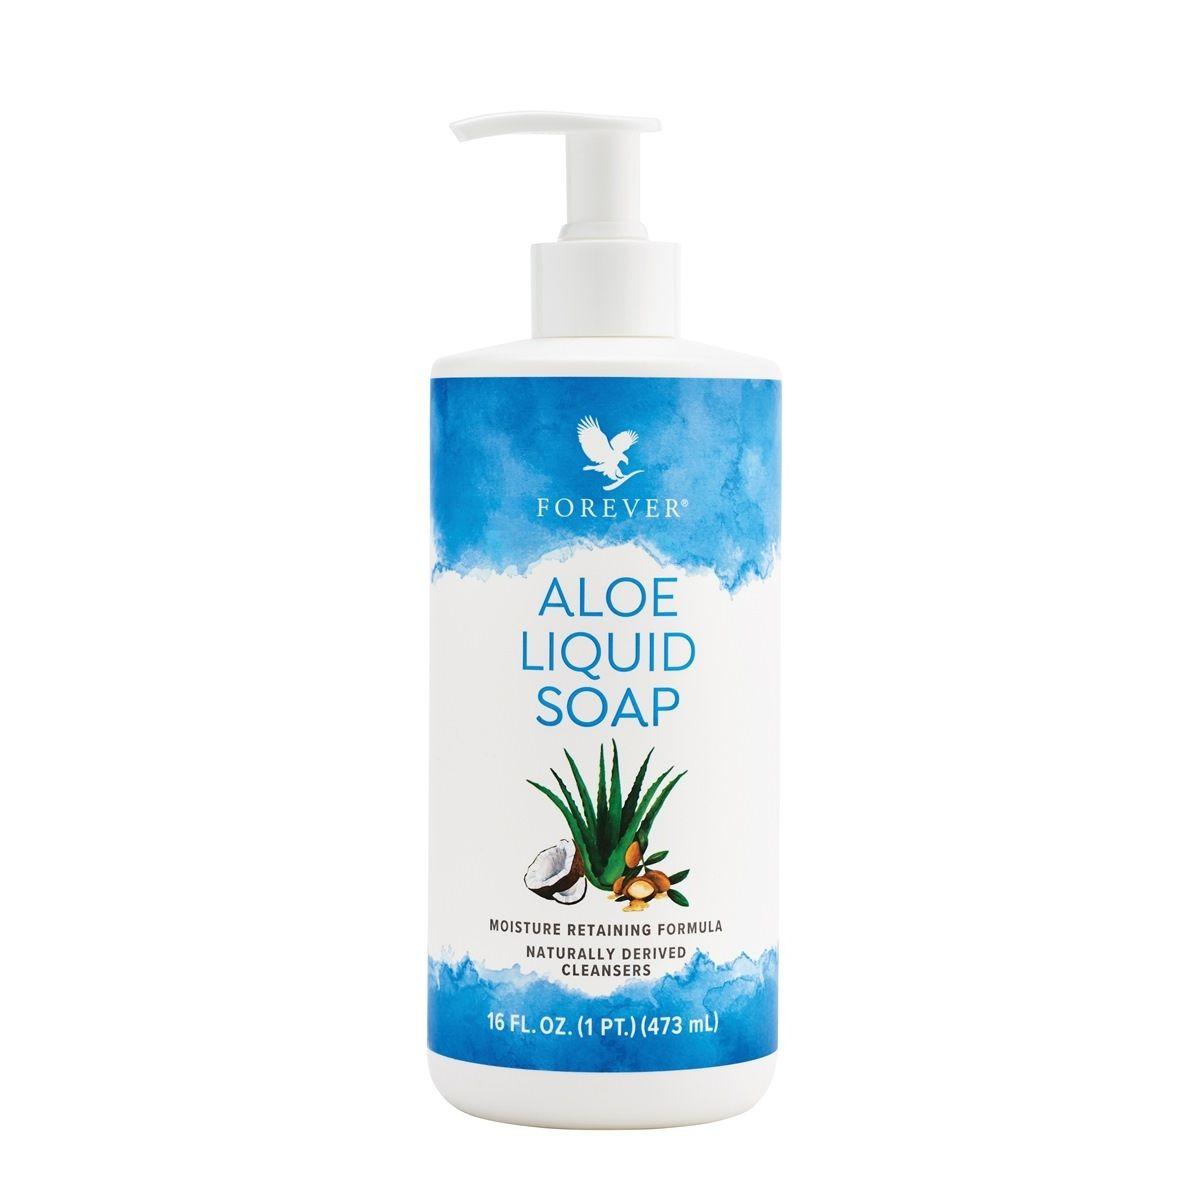 Forever Aloe Liquid Soap (Folyékony szappan)